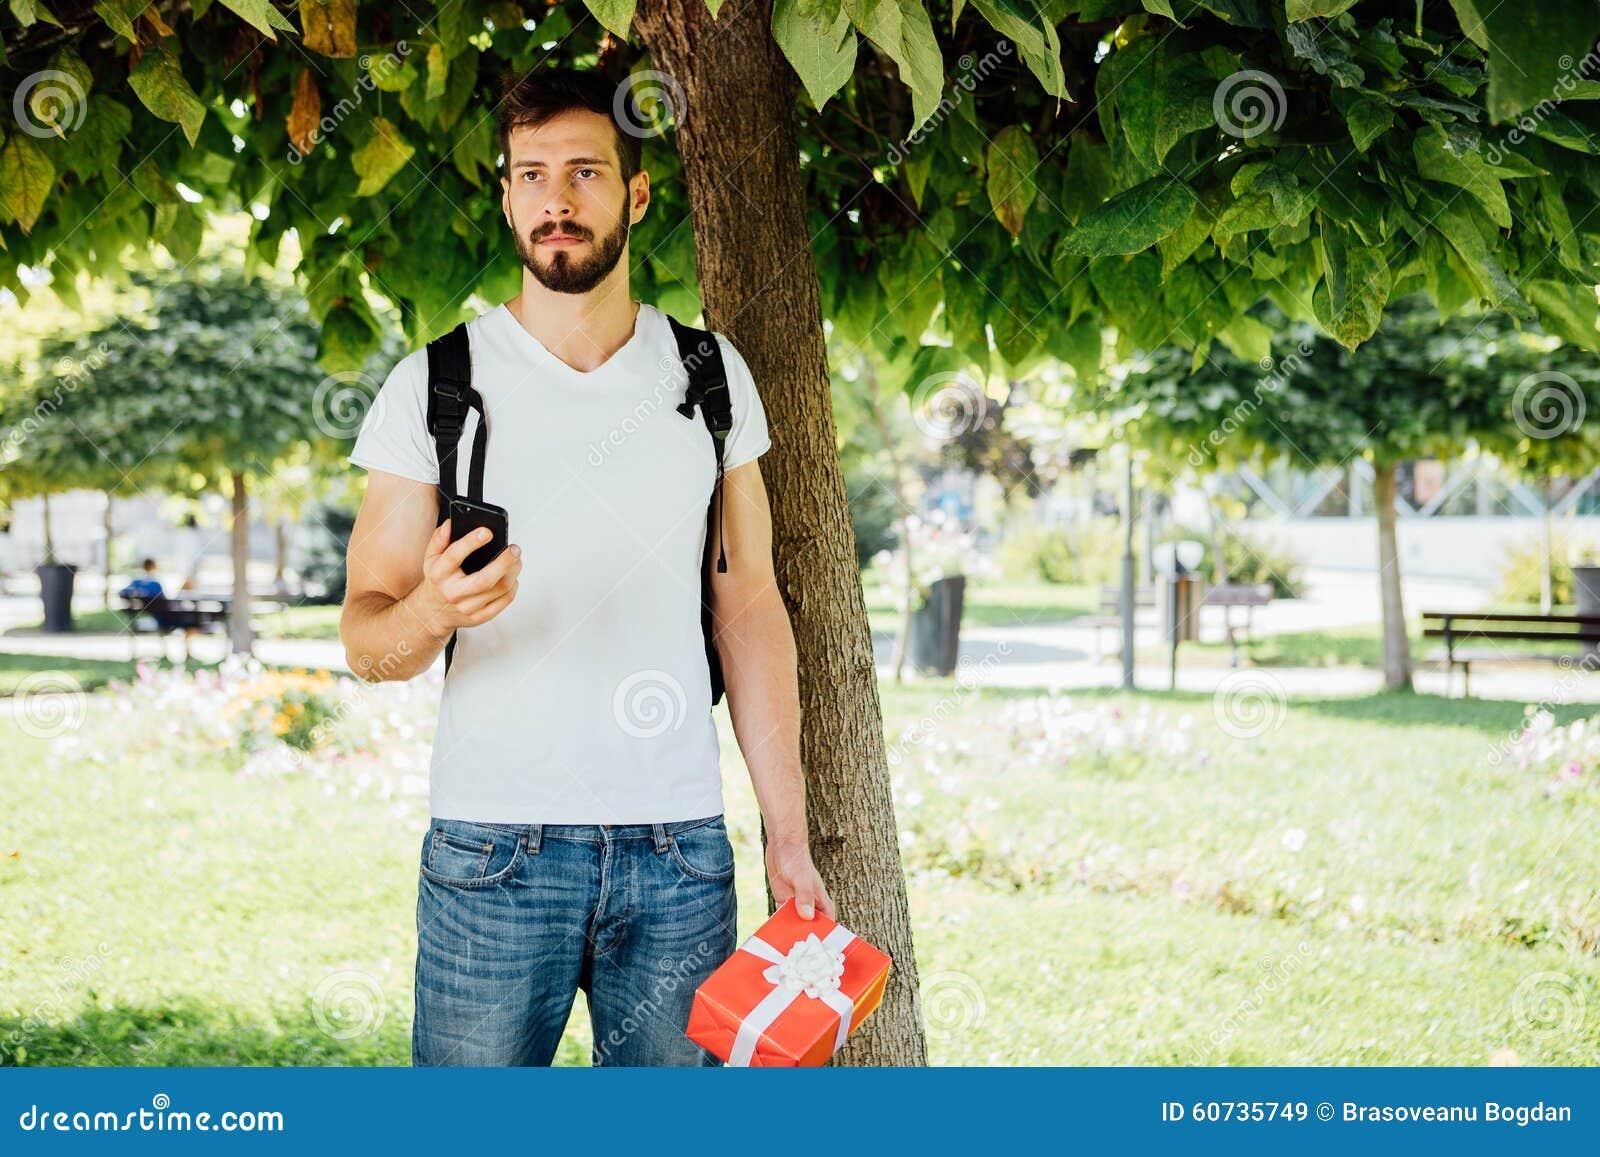 Человек с рюкзаком и подарком рядом с деревом